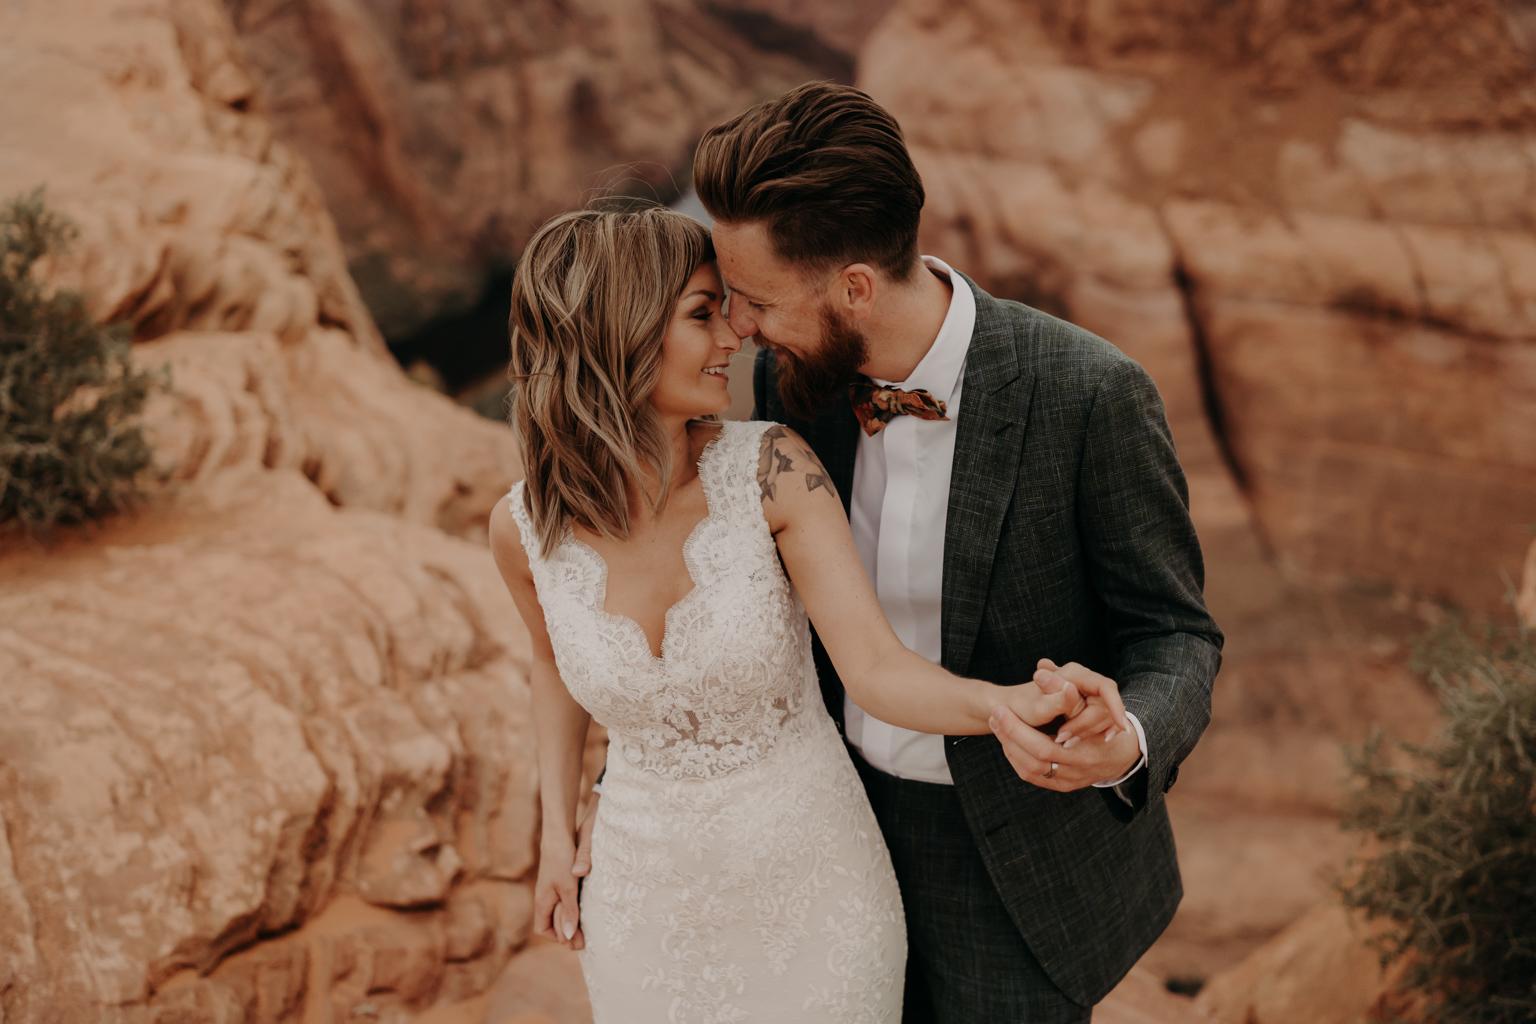 trouweninhetbuitenland_huwelijksfotografie_roxannedankers-10.jpg